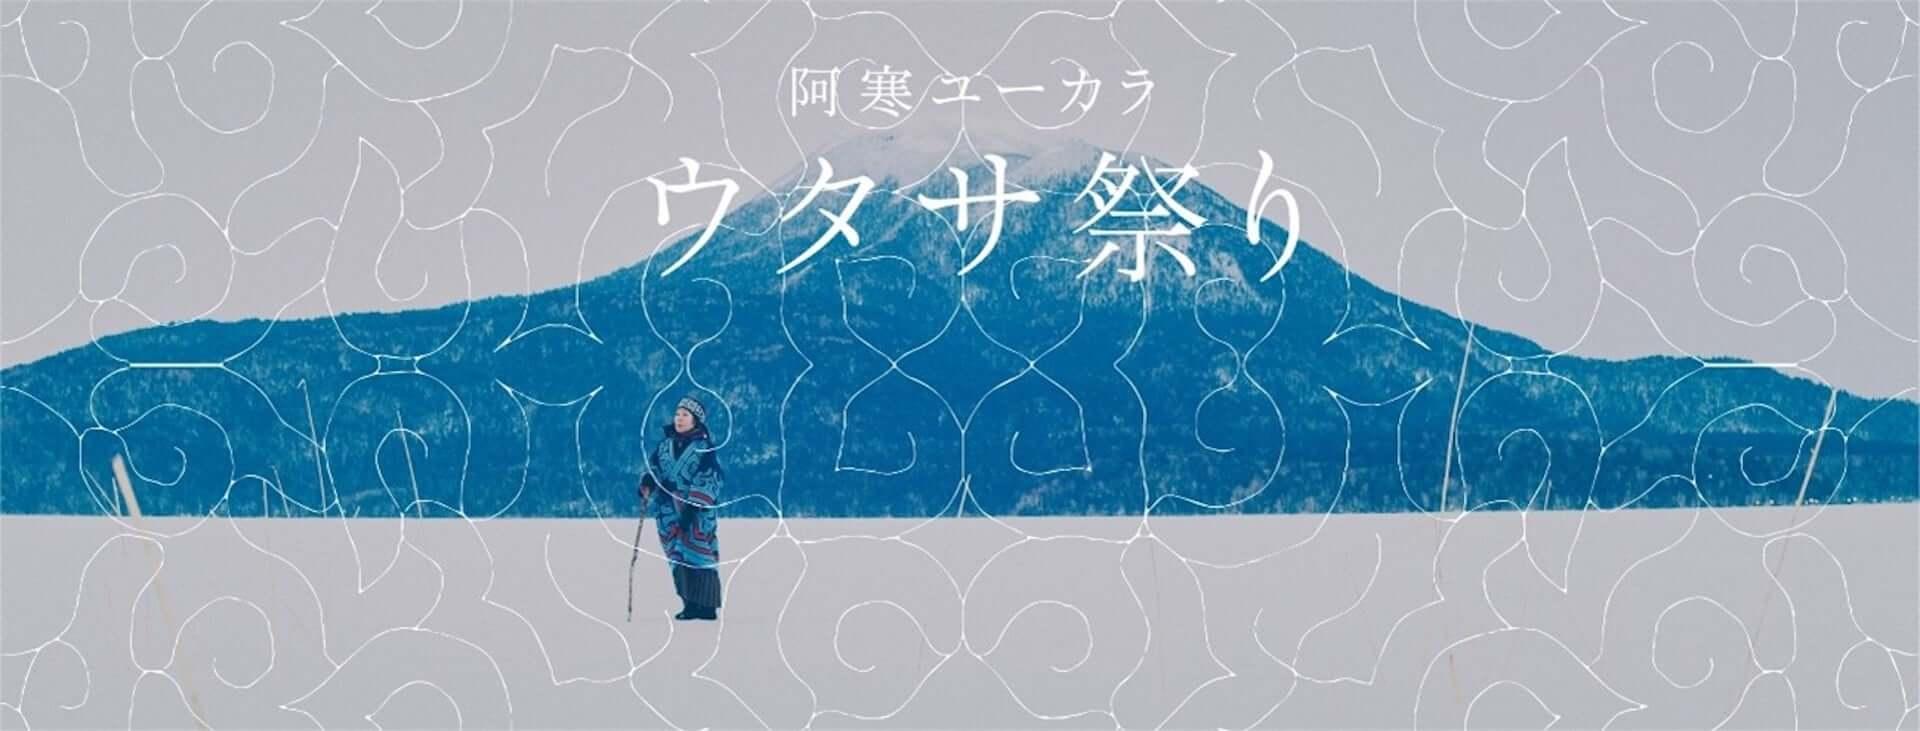 阿寒ユーカラ<ウタサ祭り>が今年は「DAX」にて無観客配信決定!環ROY、U-zhaan、OKI、KOM_Iらが出演 music210126_utasamatsuri_10-1920x731